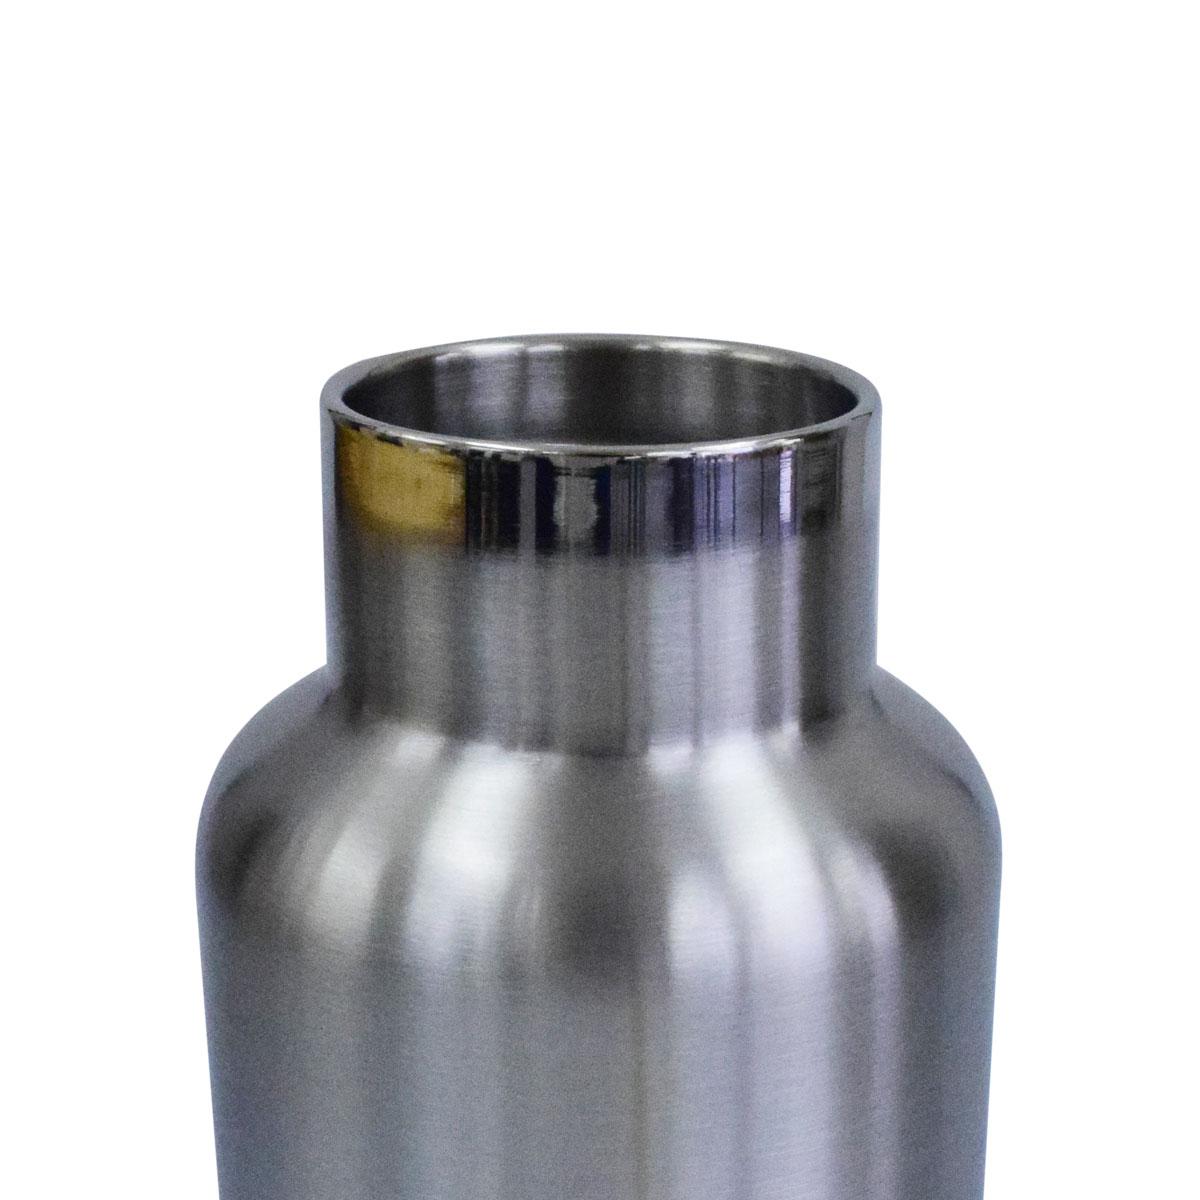 バンブーキャップ 真空ステンレスボトル 350ml